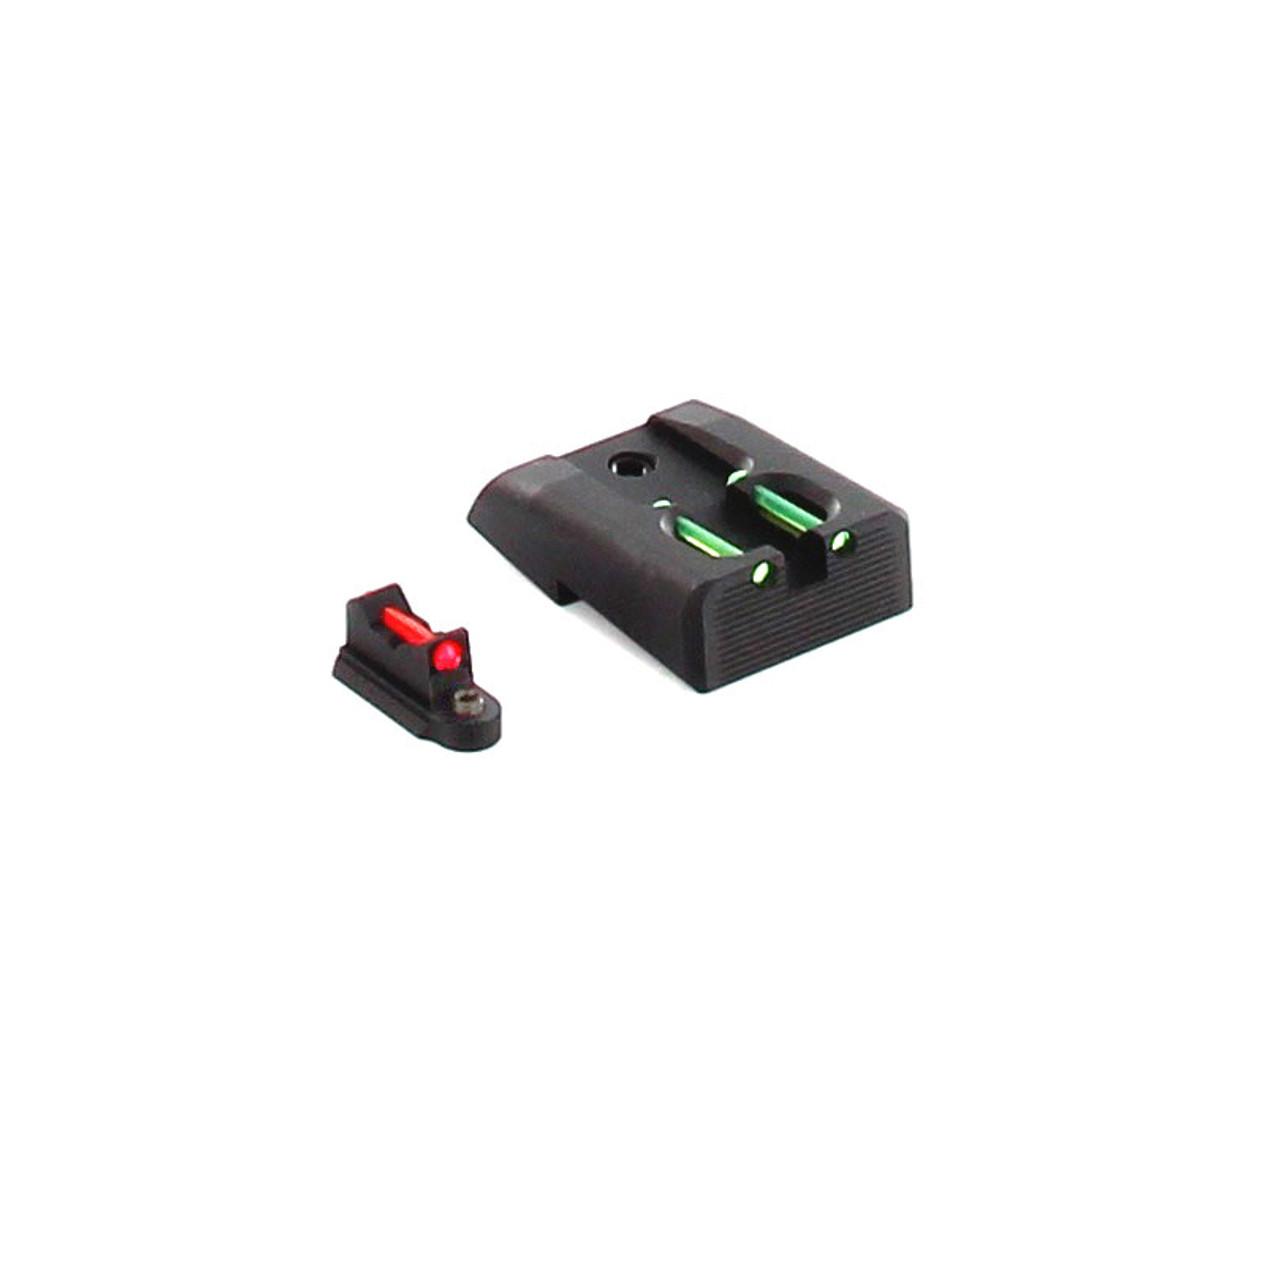 Dawson Precision CZ P10 C Carry Fixed Sight Set - Fiber Optic Rear & Fiber  Optic Front